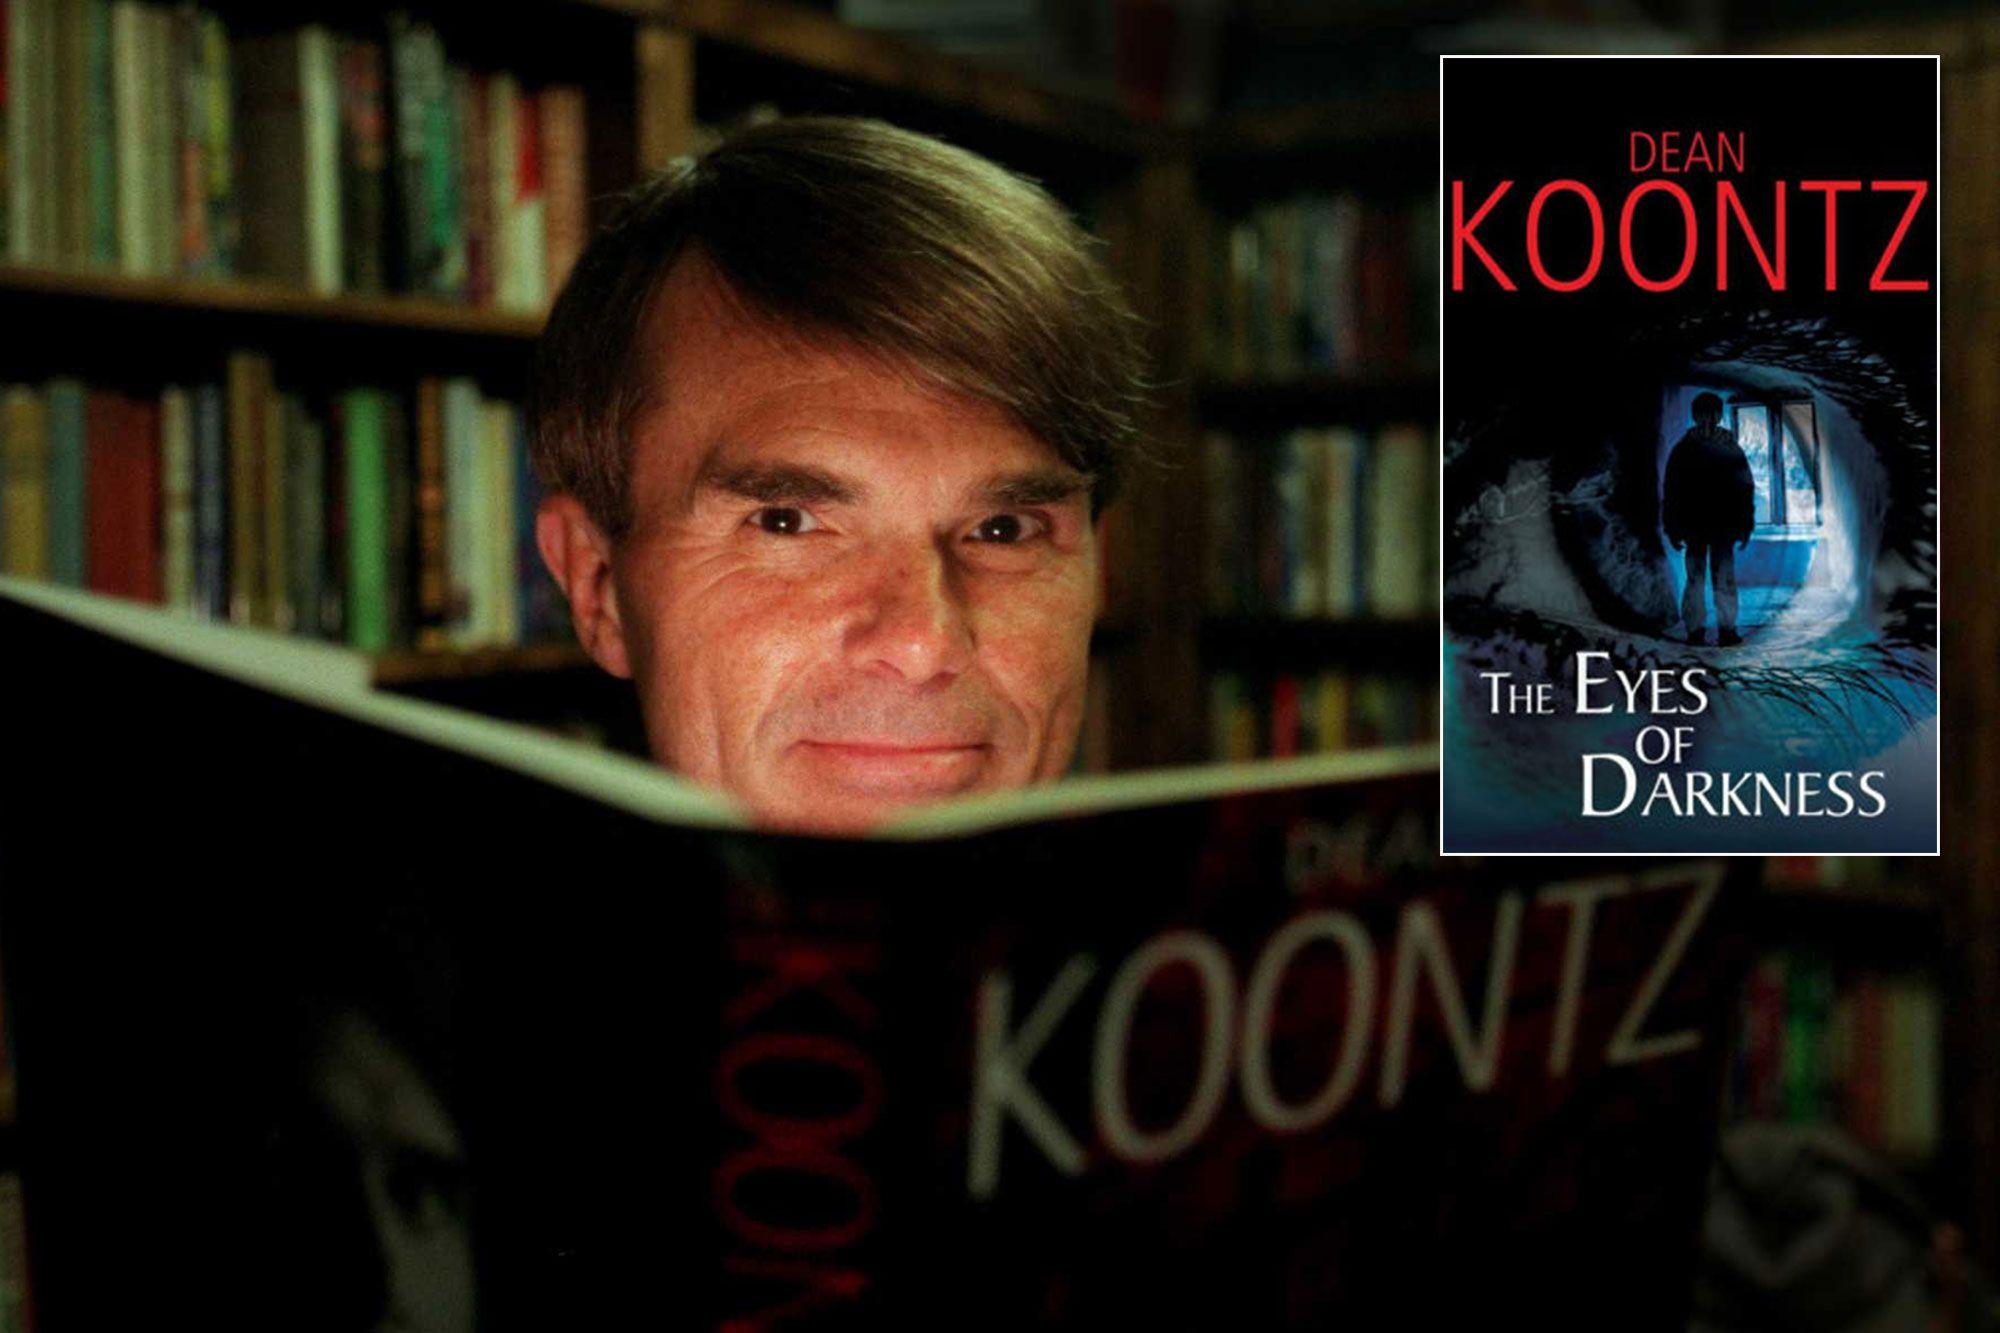 Lítið eitt um Kórónavírus: Spáð fyrir um vírusinn árið 1981 af Dean Koontz?